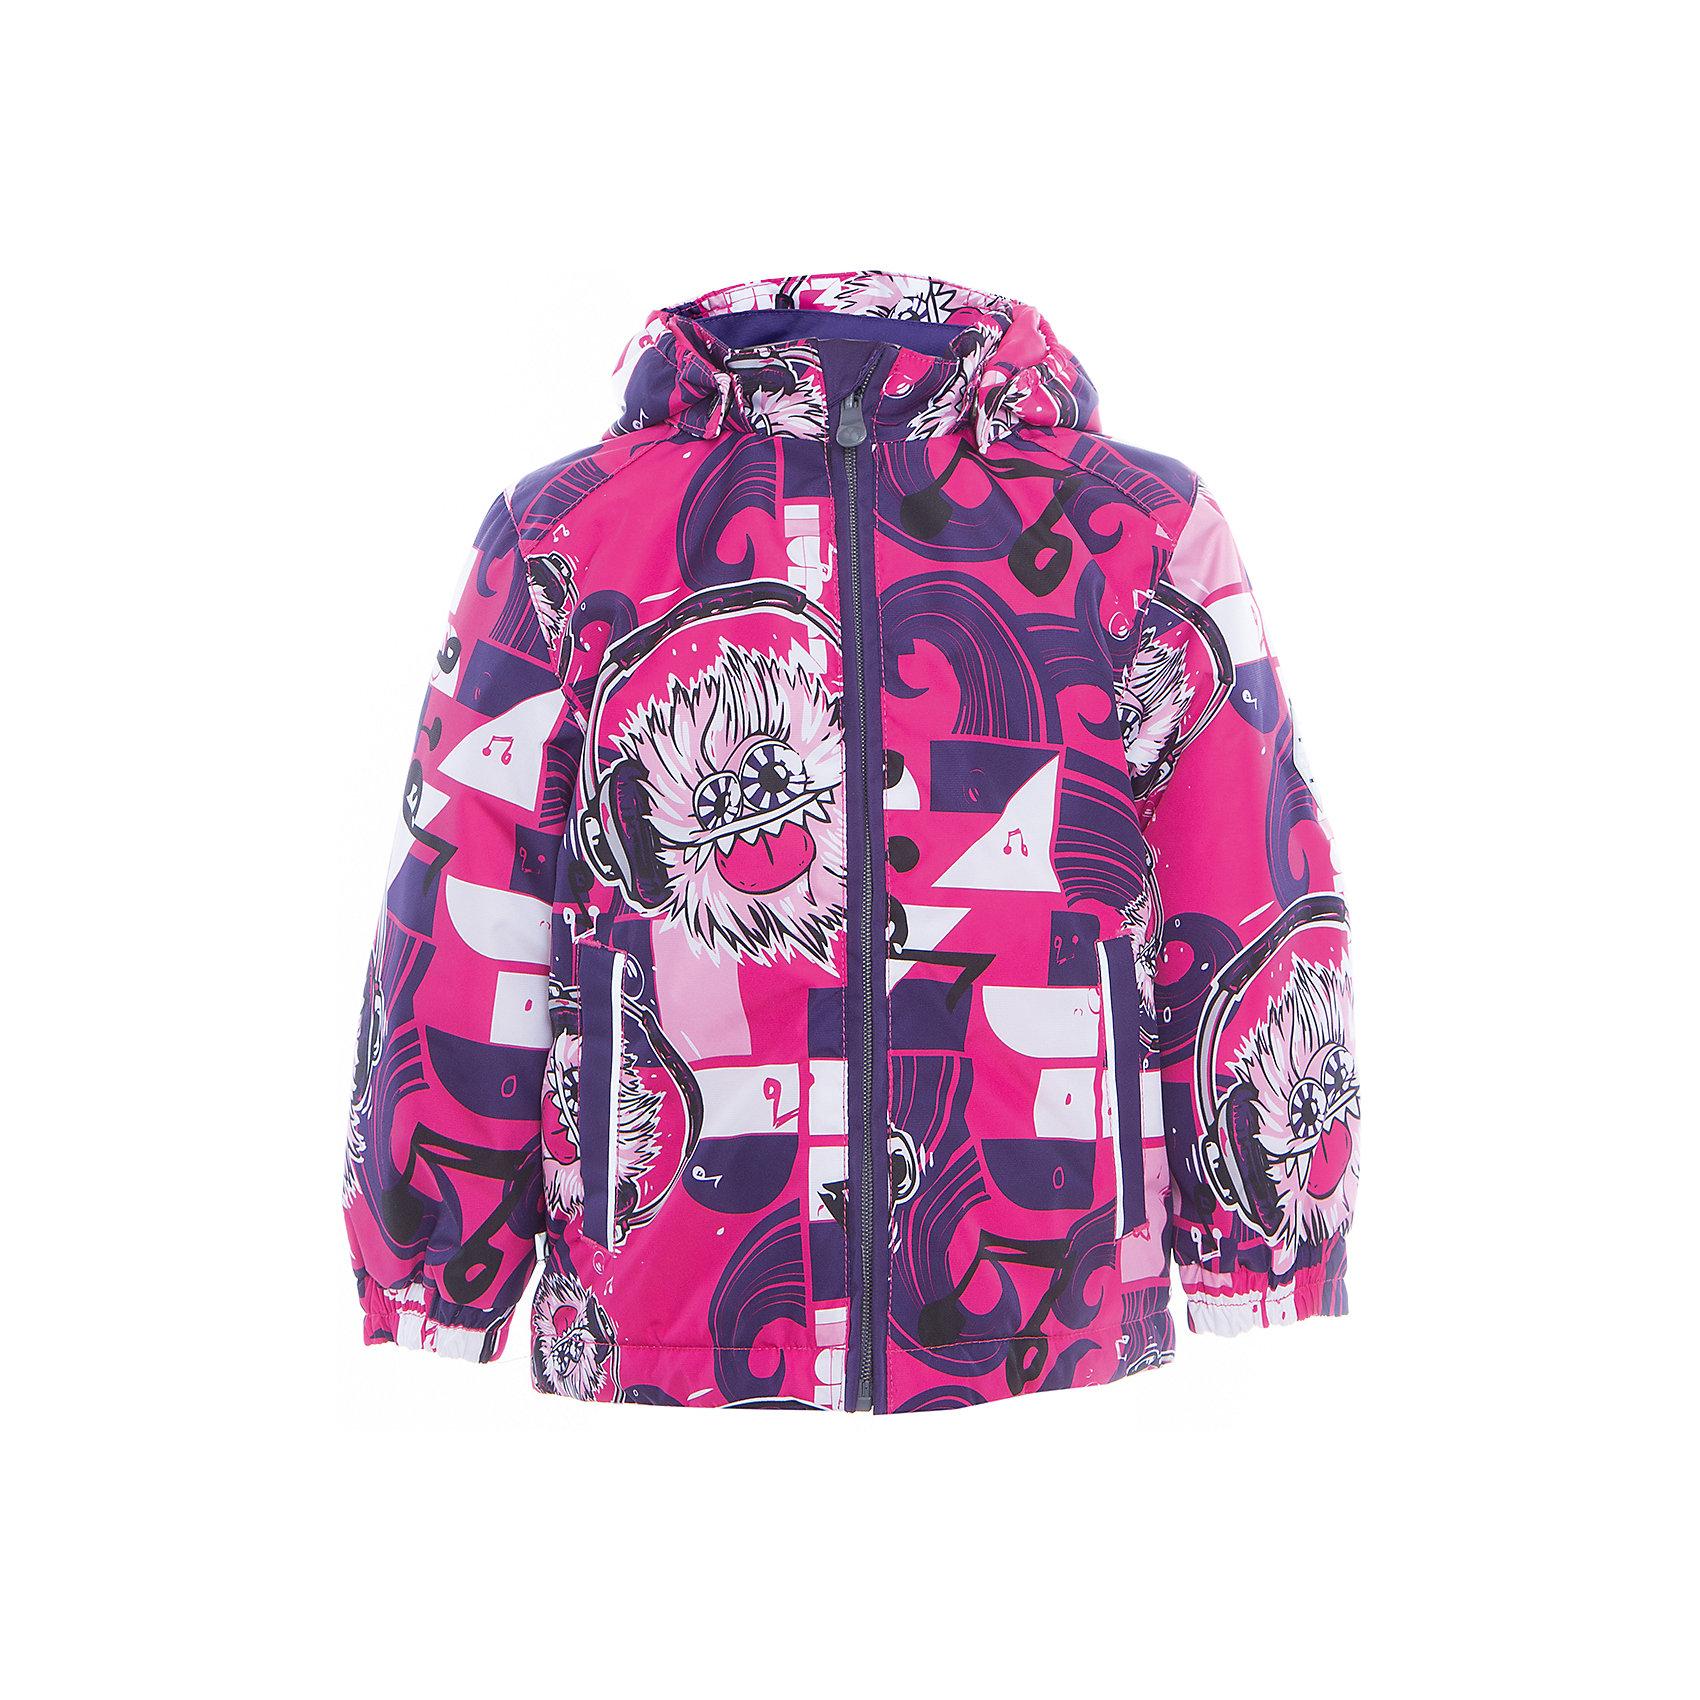 Куртка JODY для девочки HuppaДемисезонные куртки<br>Характеристики товара:<br><br>• цвет: розовый/фиолетовый<br>• ткань: 100% полиэстер<br>• подкладка: тафта - 100% полиэстер<br>• утеплитель: 100% полиэстер 100 г<br>• температурный режим: от -5°С до +15°С<br>• водонепроницаемость: 10000 мм<br>• воздухопроницаемость: 10000 мм<br>• светоотражающие детали<br>• эластичные манжеты<br>• молния<br>• съёмный капюшон<br>• комфортная посадка<br>• коллекция: весна-лето 2017<br>• страна бренда: Эстония<br><br>Эта стильная куртка обеспечит детям тепло и комфорт. Она сделана из материала, отталкивающего воду, и дополнено подкладкой с утеплителем, поэтому изделие идеально подходит для межсезонья. Материал изделия - с мембранной технологией: защищая от влаги и ветра, он легко выводит лишнюю влагу наружу. Для удобства сделан капюшон. Куртка очень симпатично смотрится, яркая расцветка и крой добавляют ему оригинальности. Модель была разработана специально для детей.<br><br>Одежда и обувь от популярного эстонского бренда Huppa - отличный вариант одеть ребенка можно и комфортно. Вещи, выпускаемые компанией, качественные, продуманные и очень удобные. Для производства изделий используются только безопасные для детей материалы. Продукция от Huppa порадует и детей, и их родителей!<br><br>Куртку JODY от бренда Huppa (Хуппа) можно купить в нашем интернет-магазине.<br><br>Ширина мм: 356<br>Глубина мм: 10<br>Высота мм: 245<br>Вес г: 519<br>Цвет: фиолетовый<br>Возраст от месяцев: 48<br>Возраст до месяцев: 60<br>Пол: Женский<br>Возраст: Детский<br>Размер: 110,116,122,128,134,140,92,146,98,152,104<br>SKU: 5346985